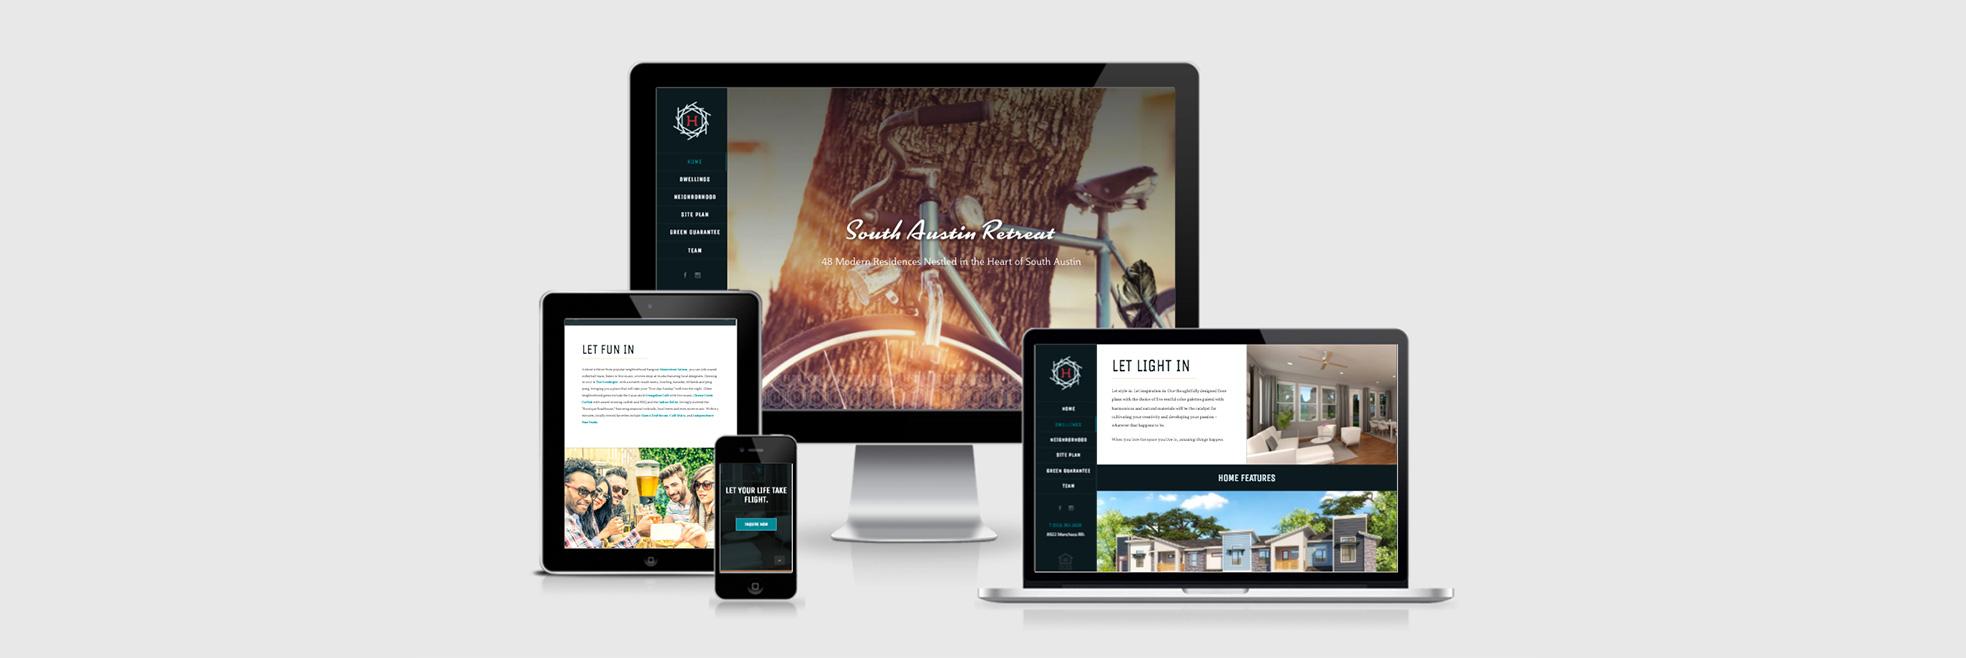 haven_website